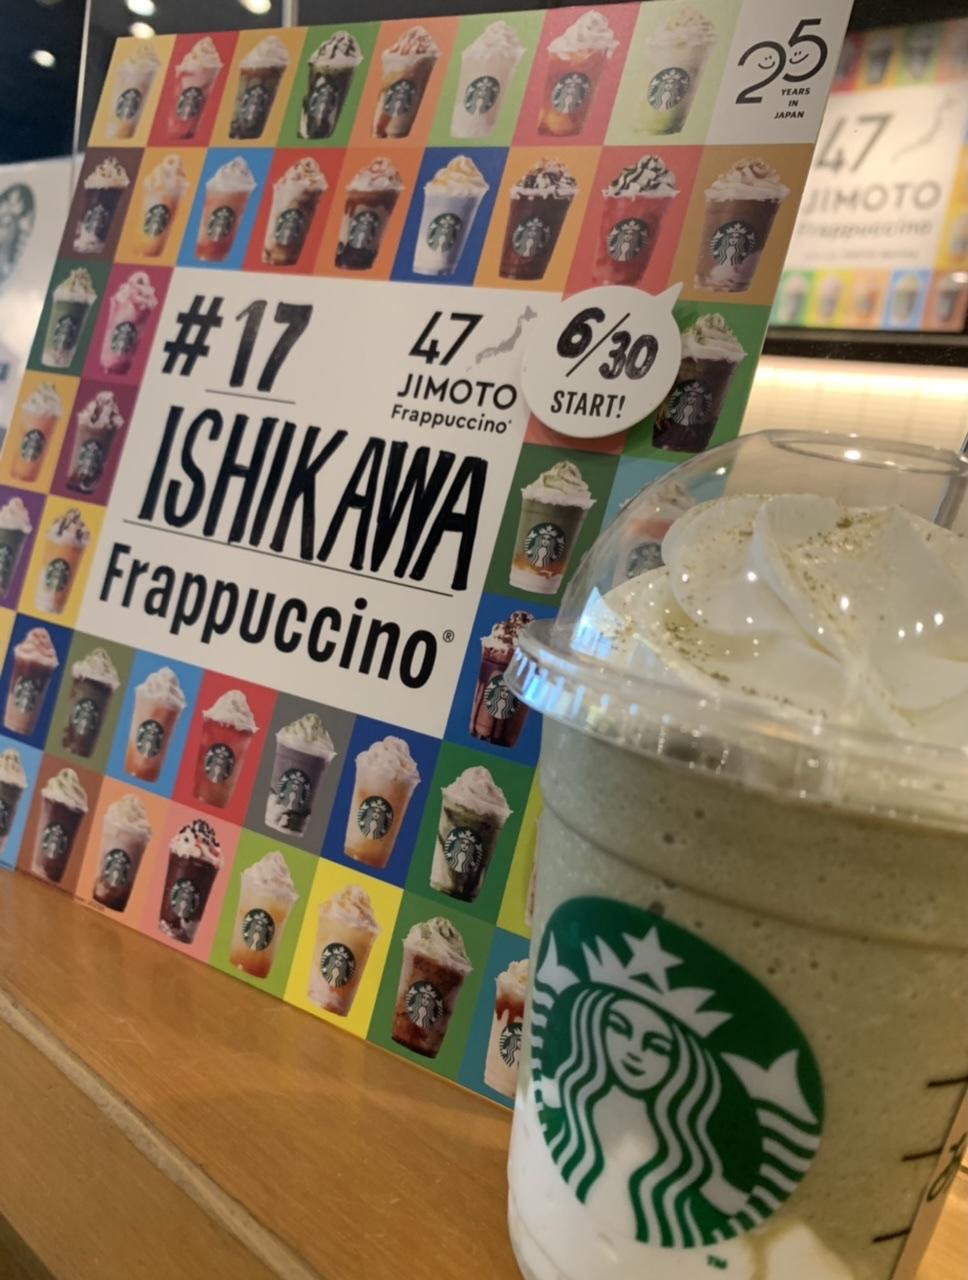 #17 ISHIKAWA「石川 いいじ 棒ほうじ茶 フラペチーノ」【石川】【ご当地スタバ】_1